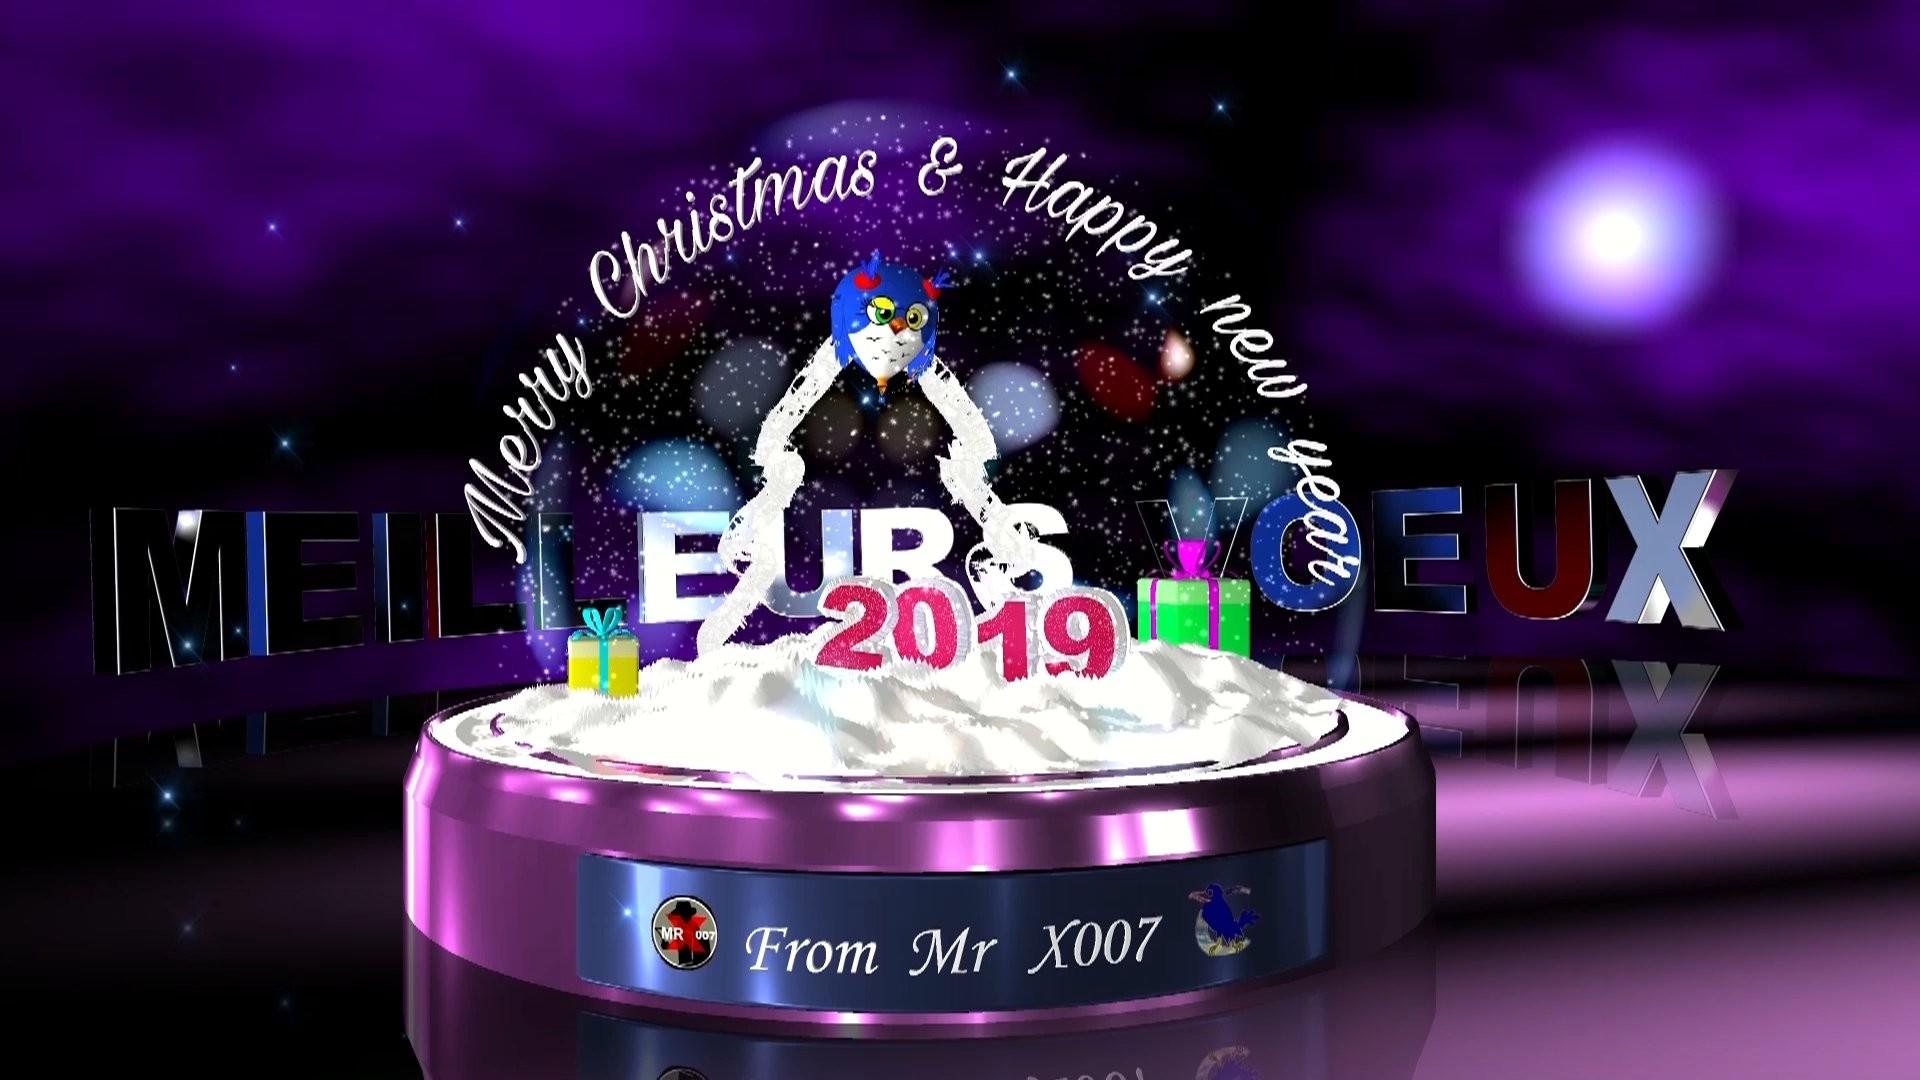 Joyeuses Fêtes de Noëlet Meilleurs Vœux à tous pour 2019